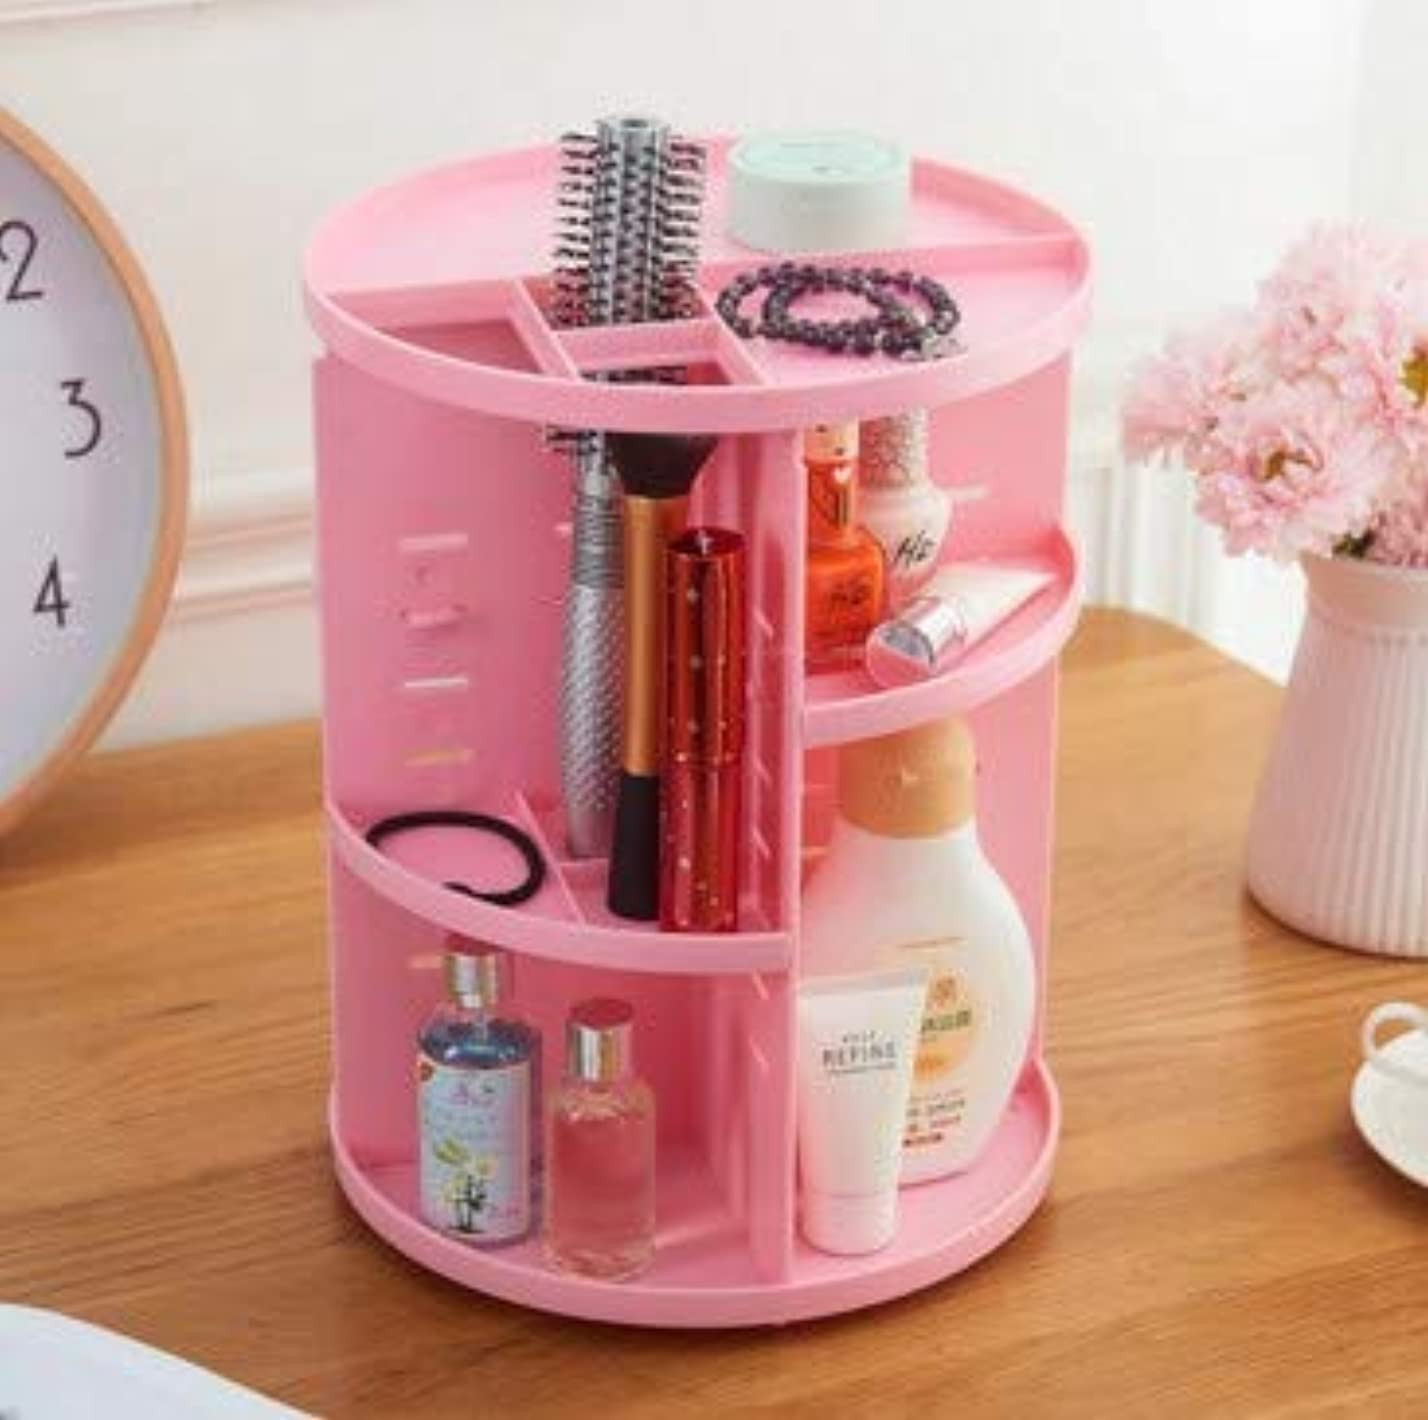 アーティストテレビ局アンビエントデスクトップロータリー収納ボックス多機能プラスチックバスルーム仕上げボックス化粧品収納ボックス (Color : ピンク)